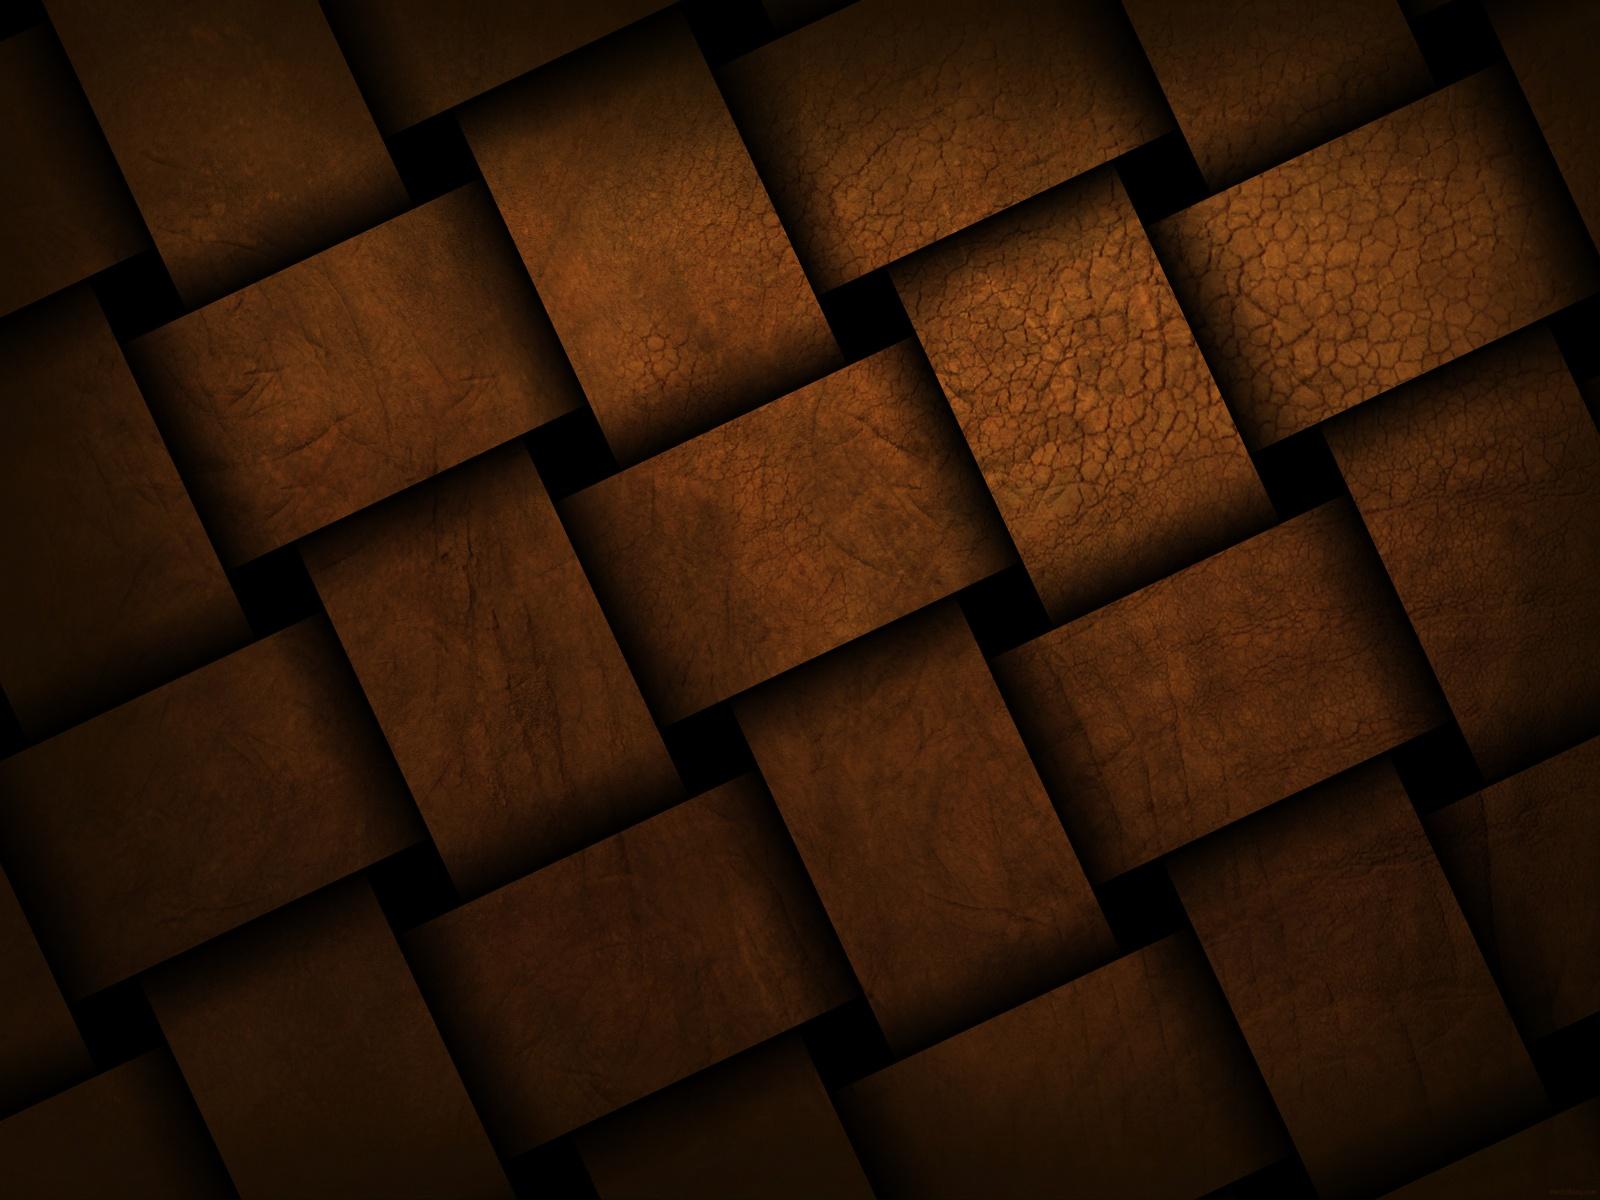 [49+] Dark Brown Wallpaper on WallpaperSafari